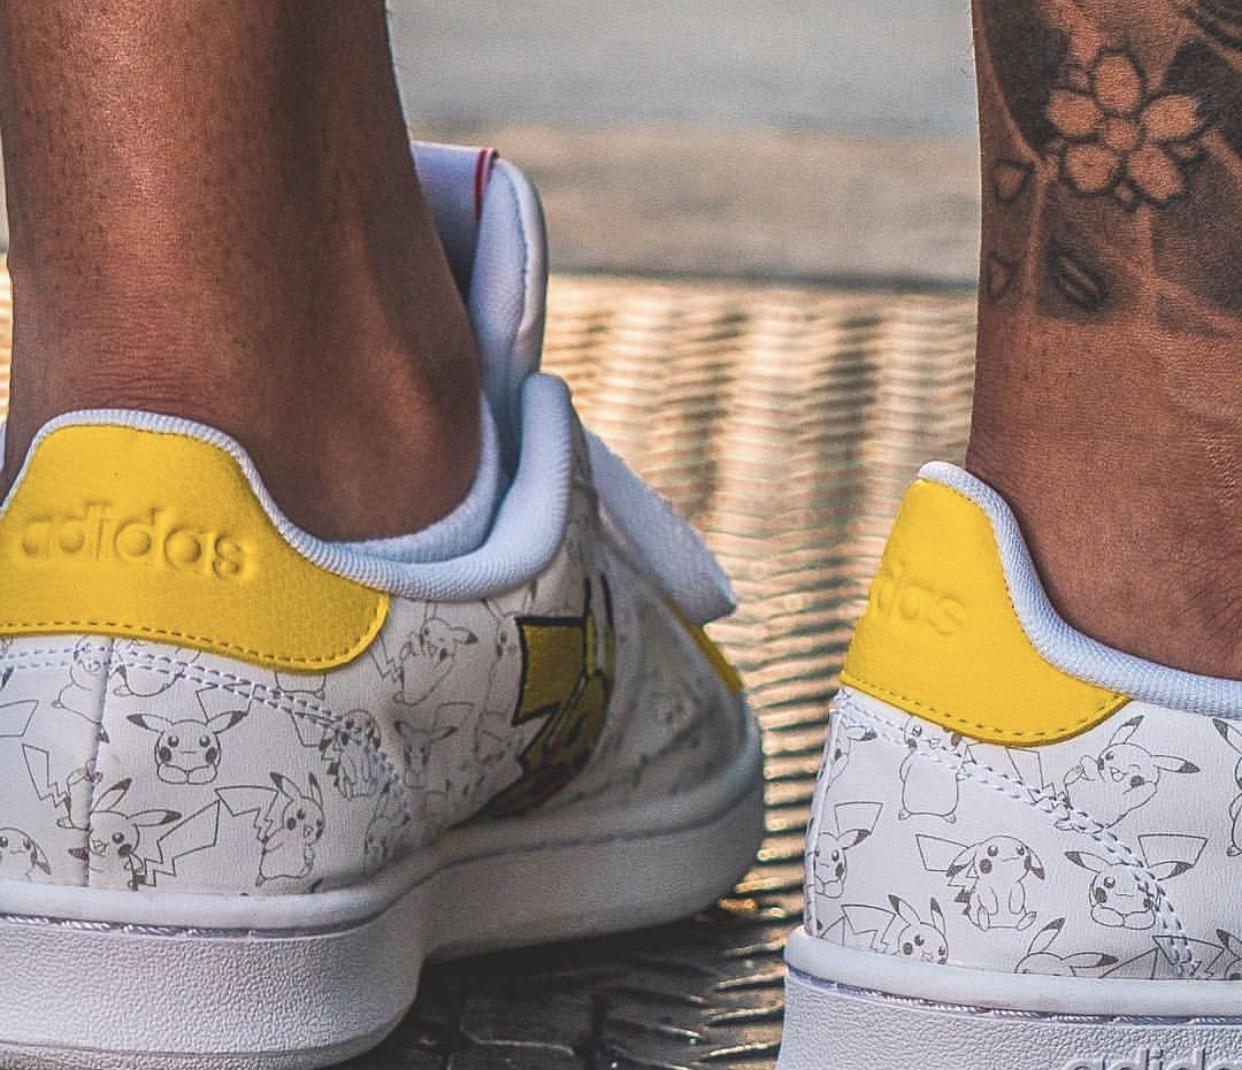 Pokémon x Adidas : La première collection de sneakers